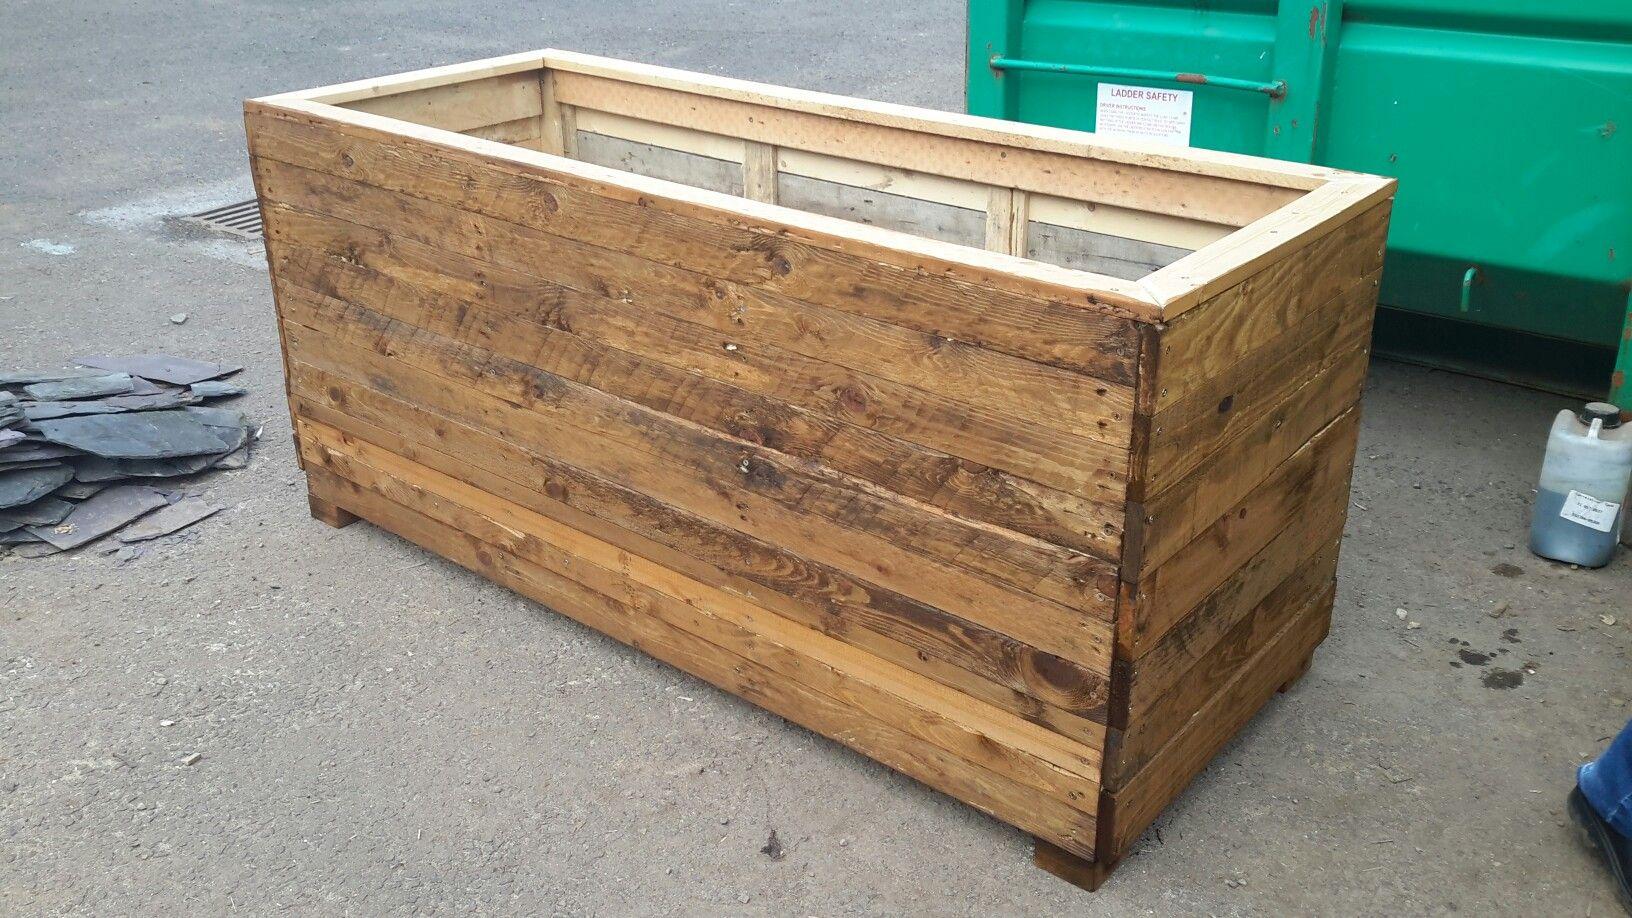 2m X 1m X 1m Pallet Wood Planter Boxes.